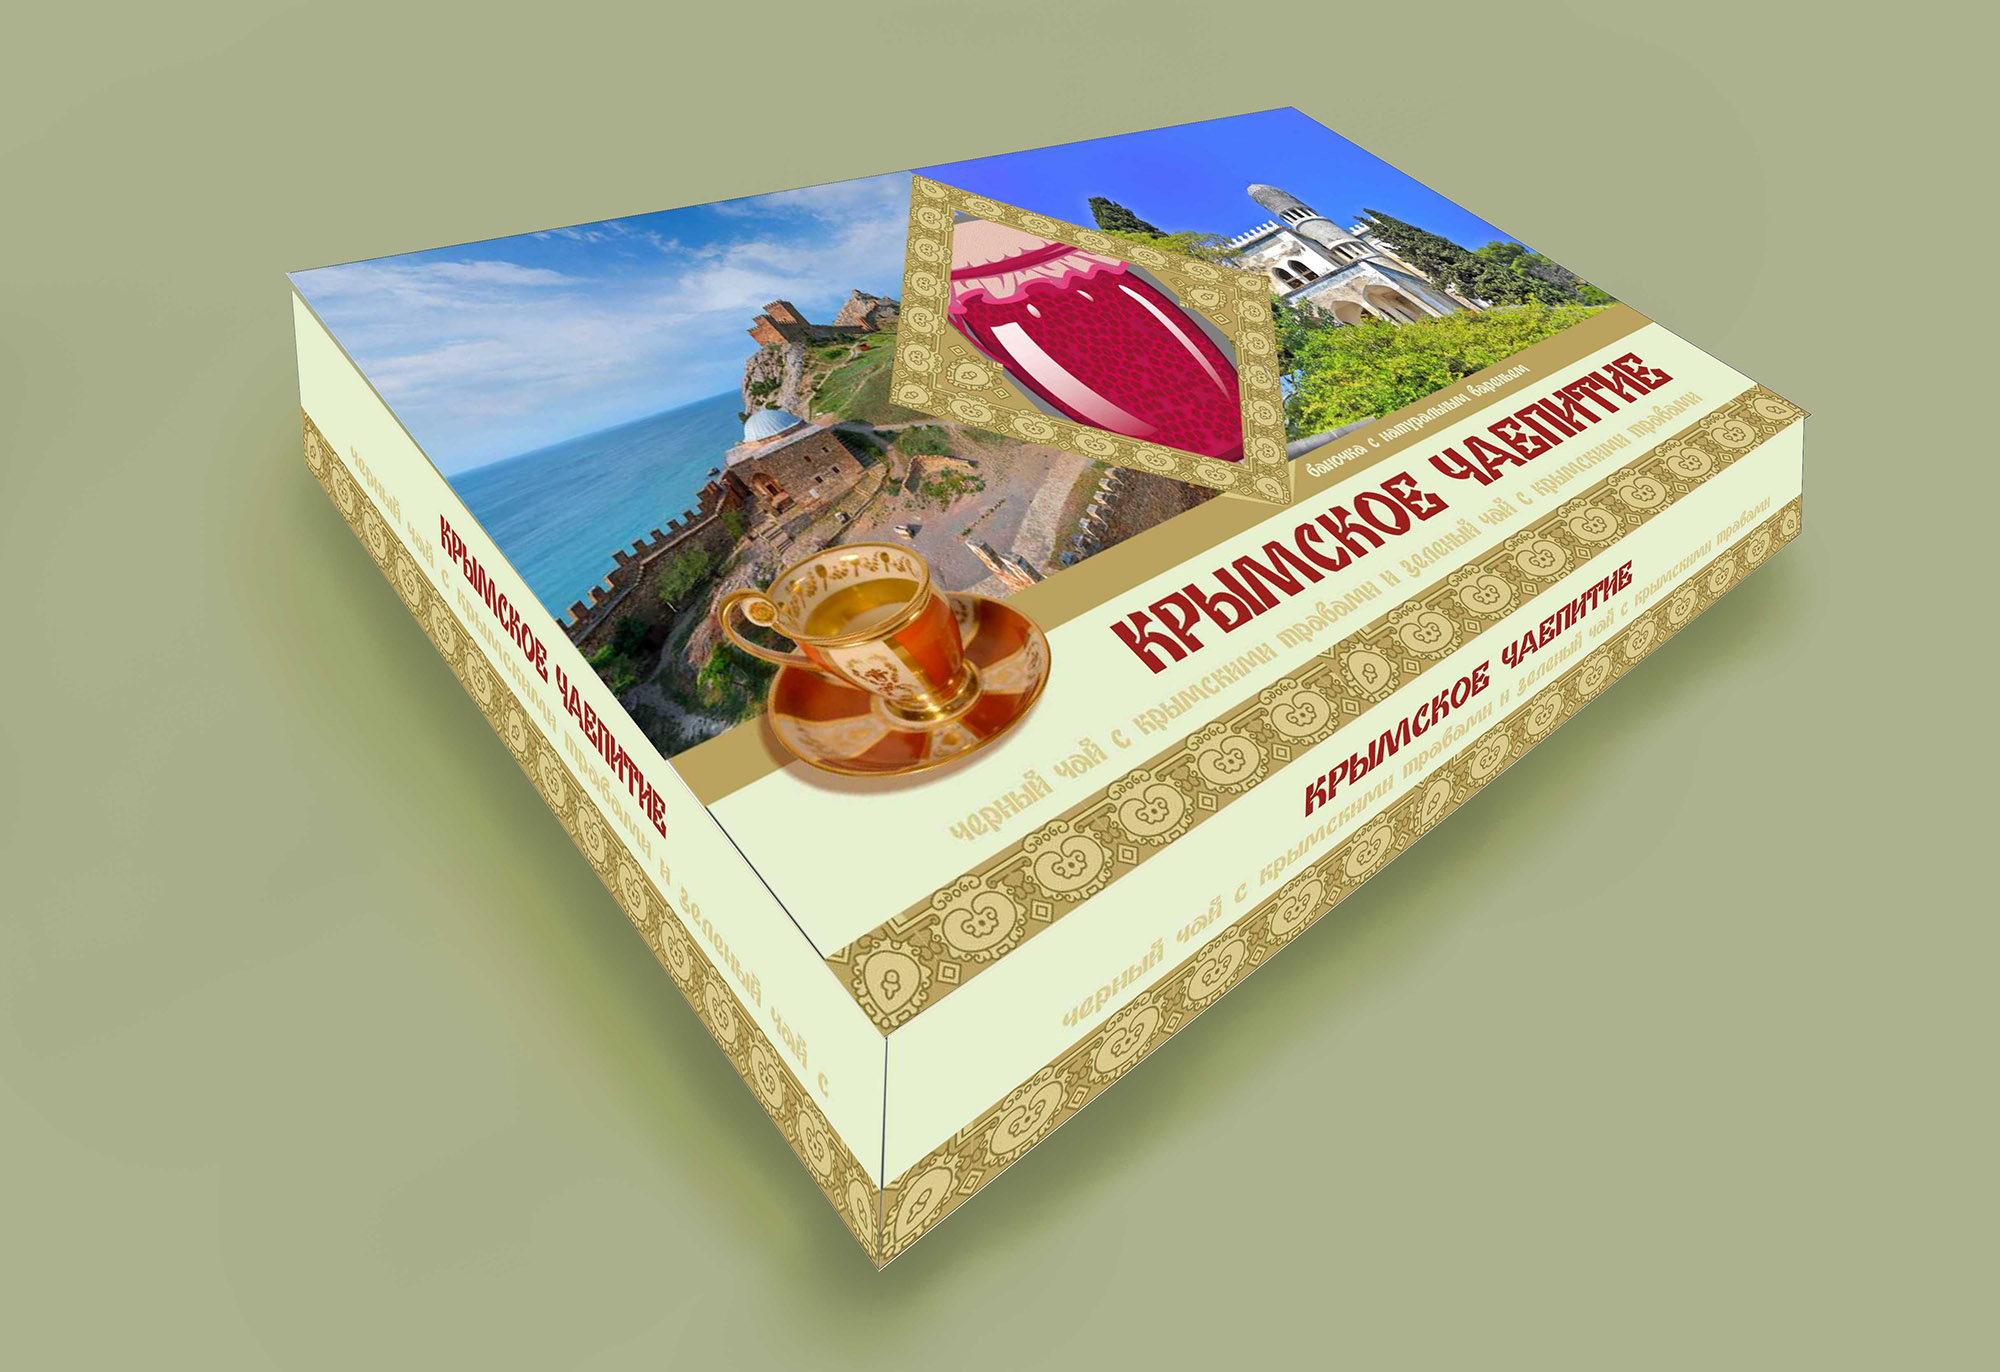 Дизайн подарочной-сувенирной коробки: с чаем и варением фото f_4075a4e8768d7627.jpg